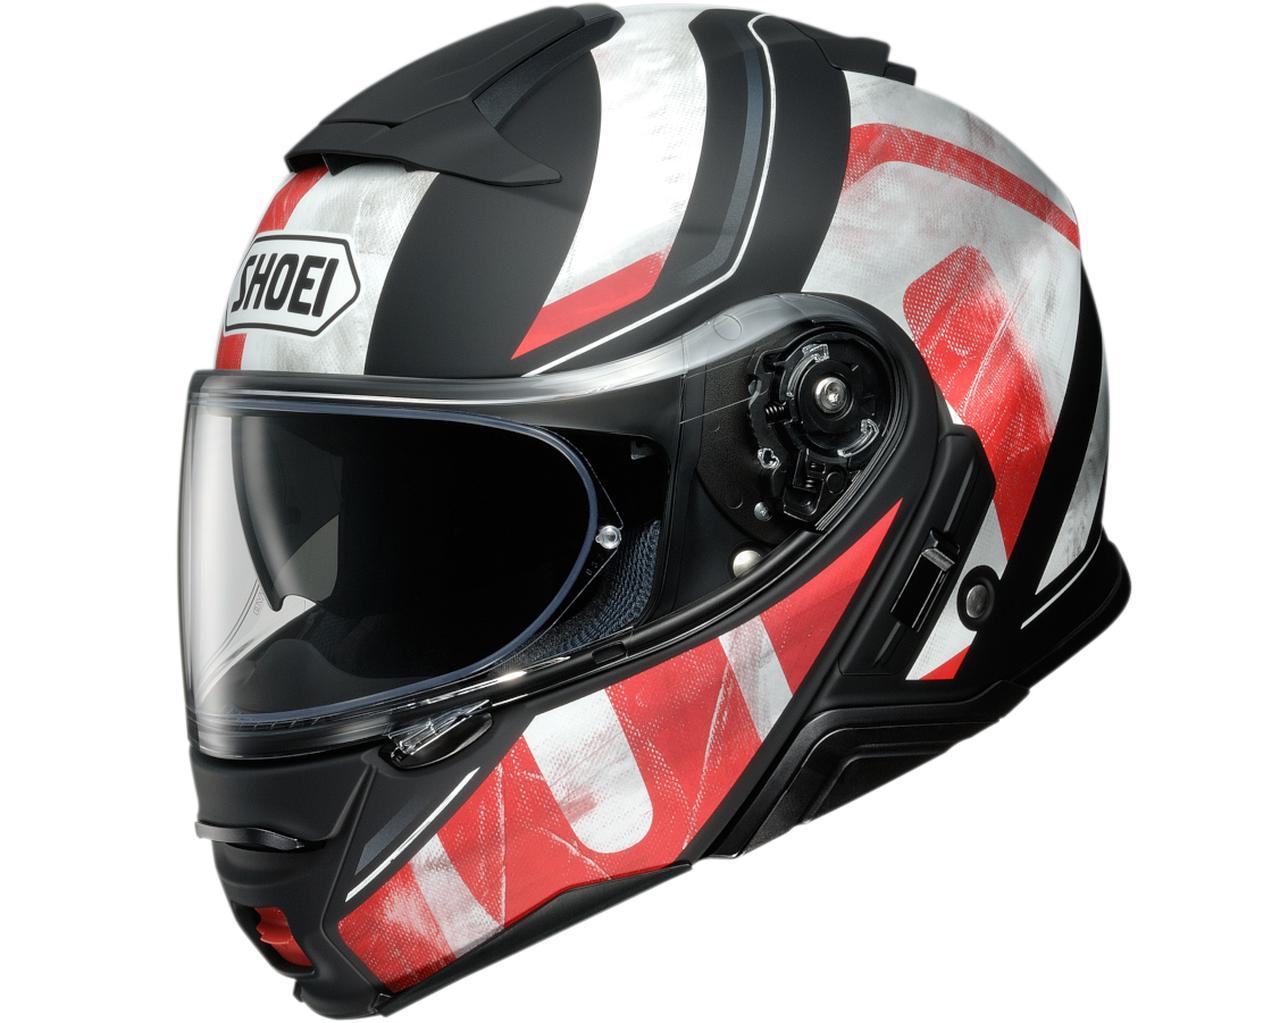 画像5: SHOEIのシステムヘルメット「ネオテックII」に新たなグラフィックモデル「ジョーント」が登場! カラーは3色